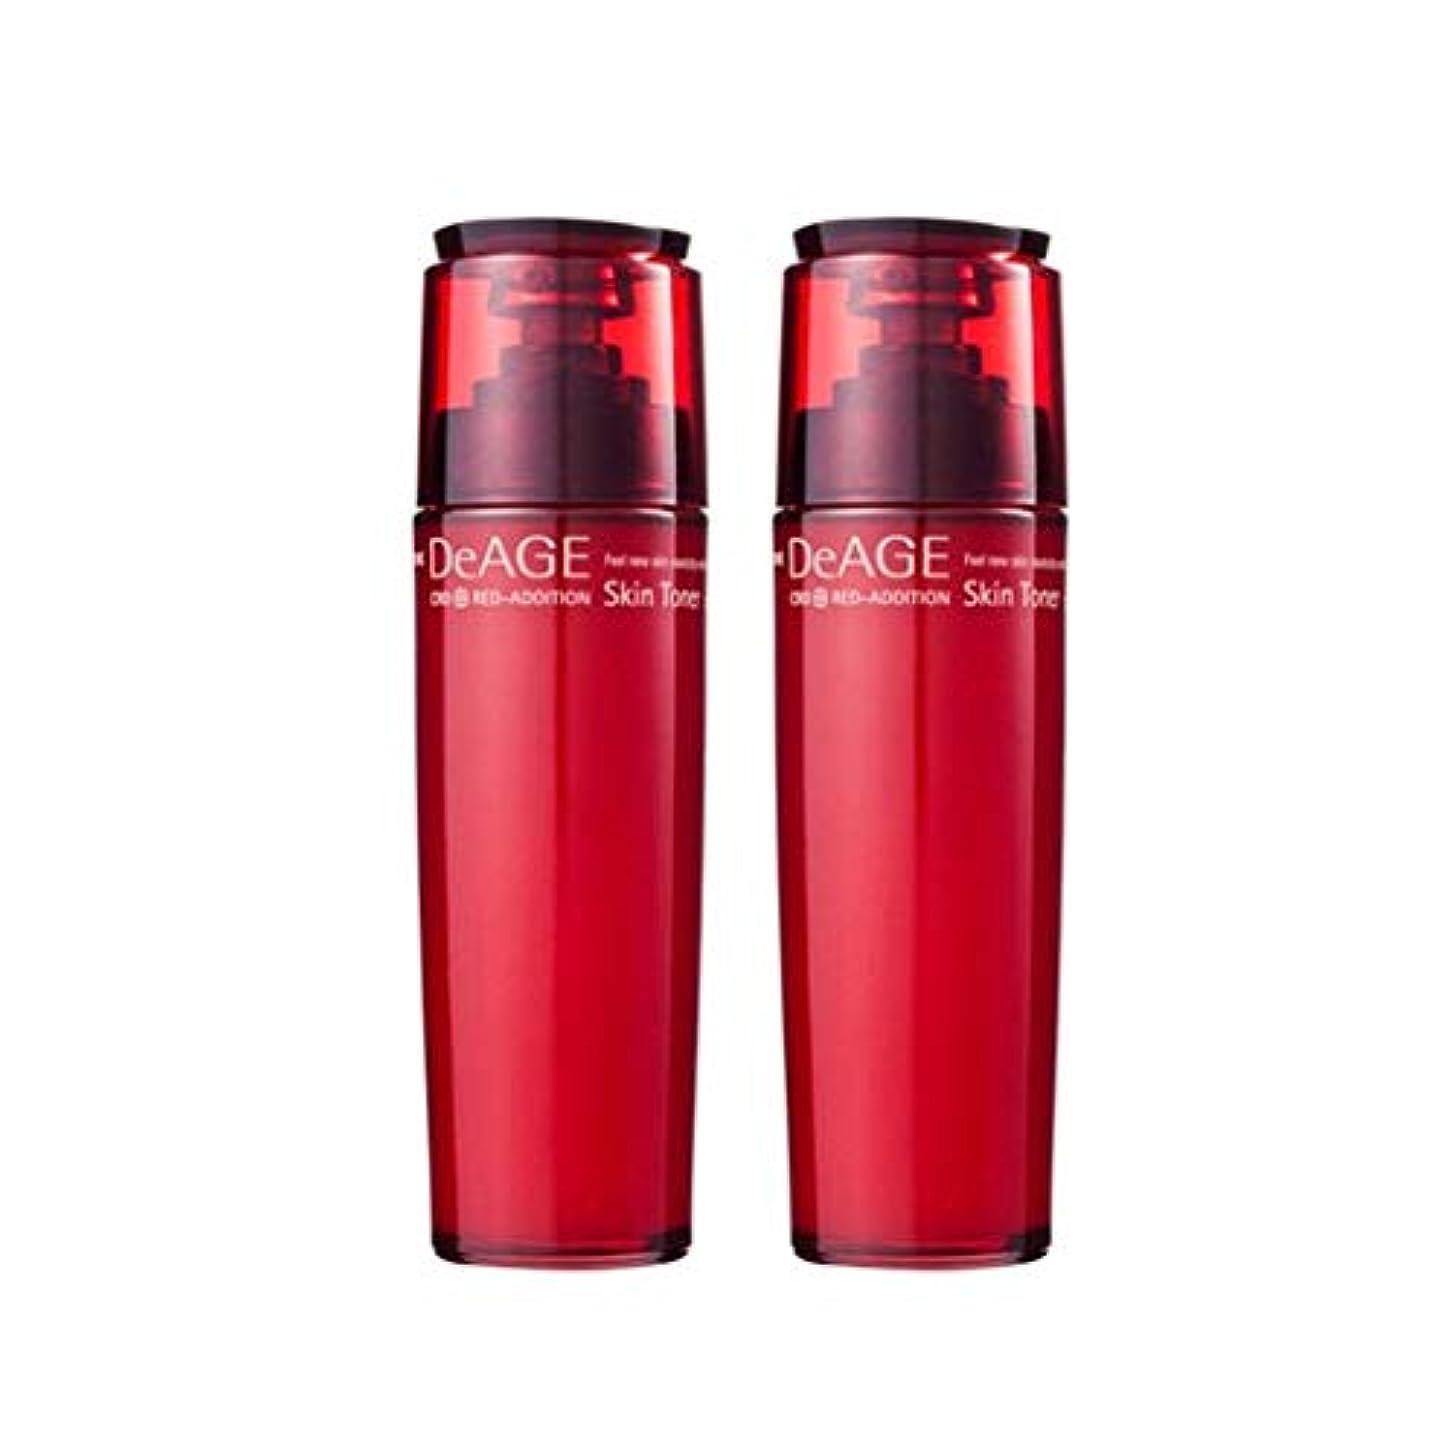 アナロジー岩娘チャムジョンディエイジレッドエディションスキントナー130ml x 2、Charmzone DeAGE Red-Addition Skin Toner 130ml x 2 [並行輸入品]